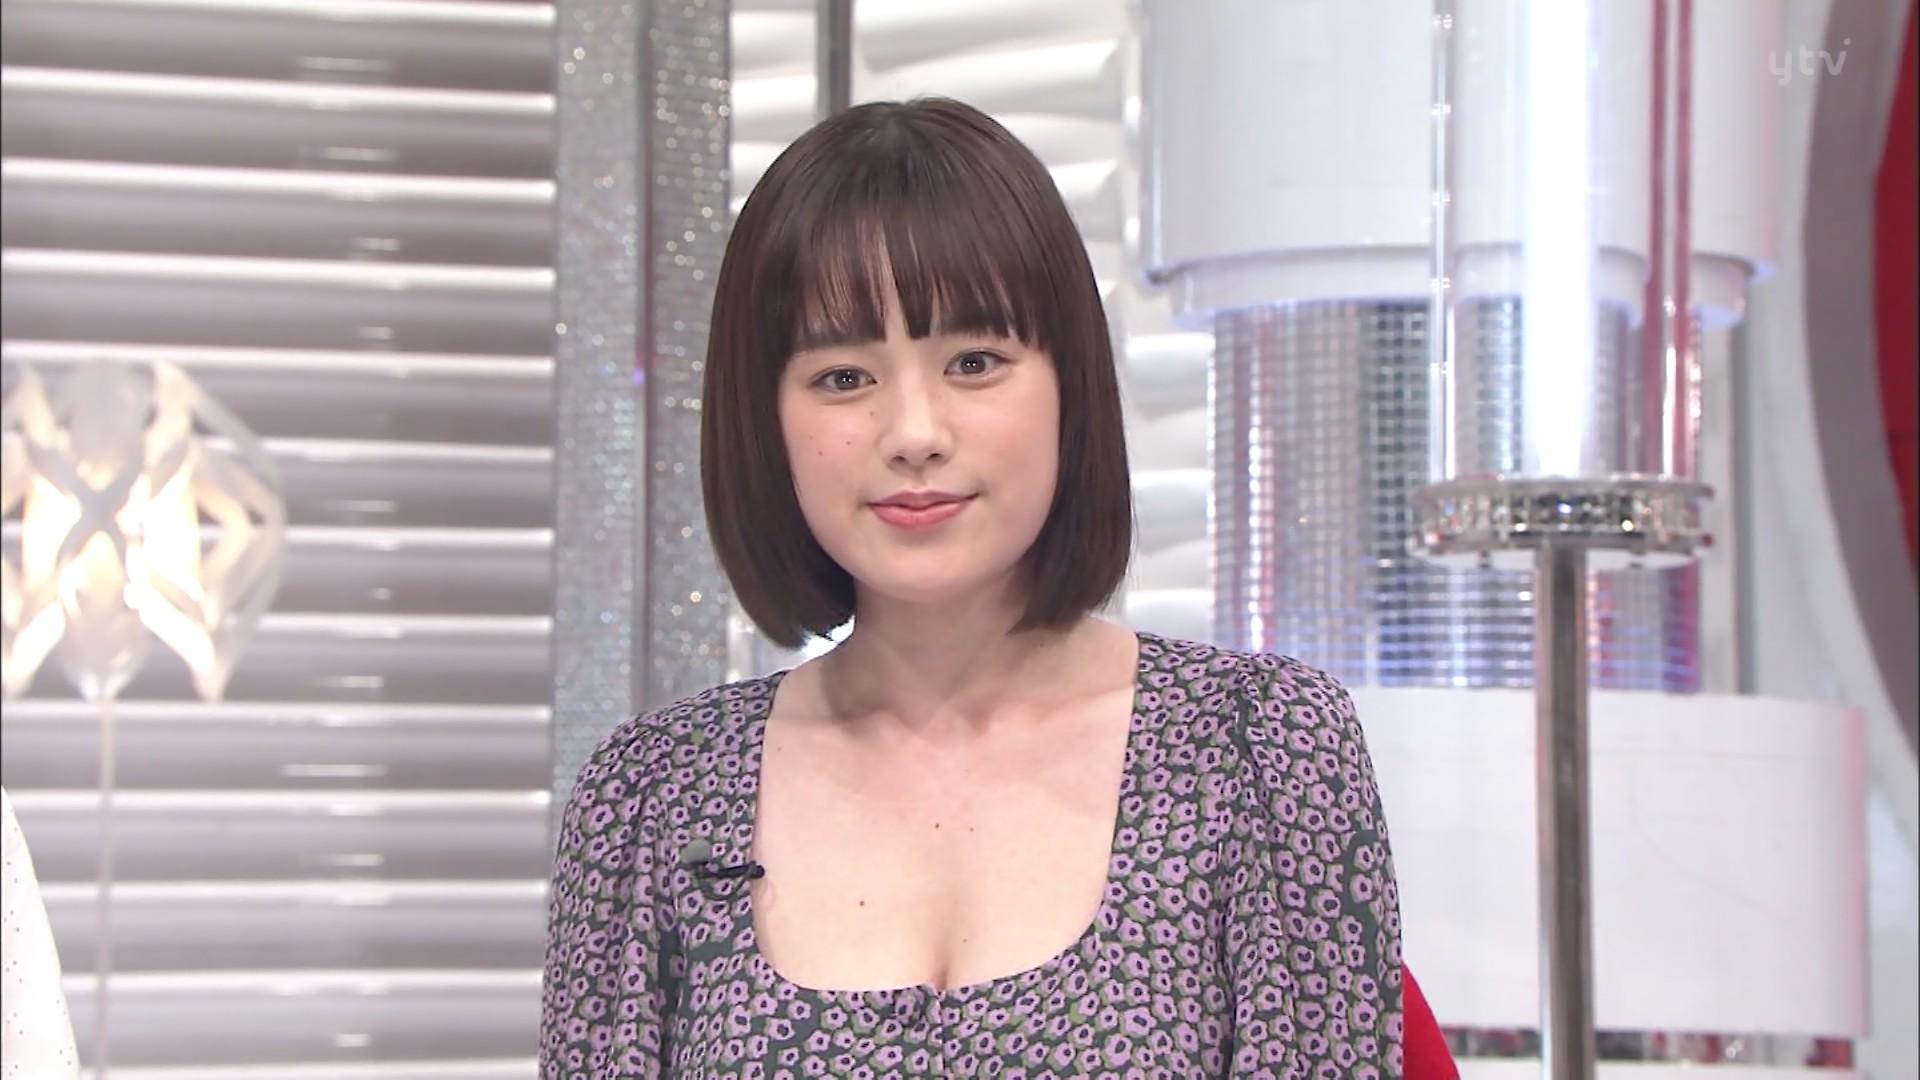 胸チラ_谷間_おっぱい_おしゃれイズム_42